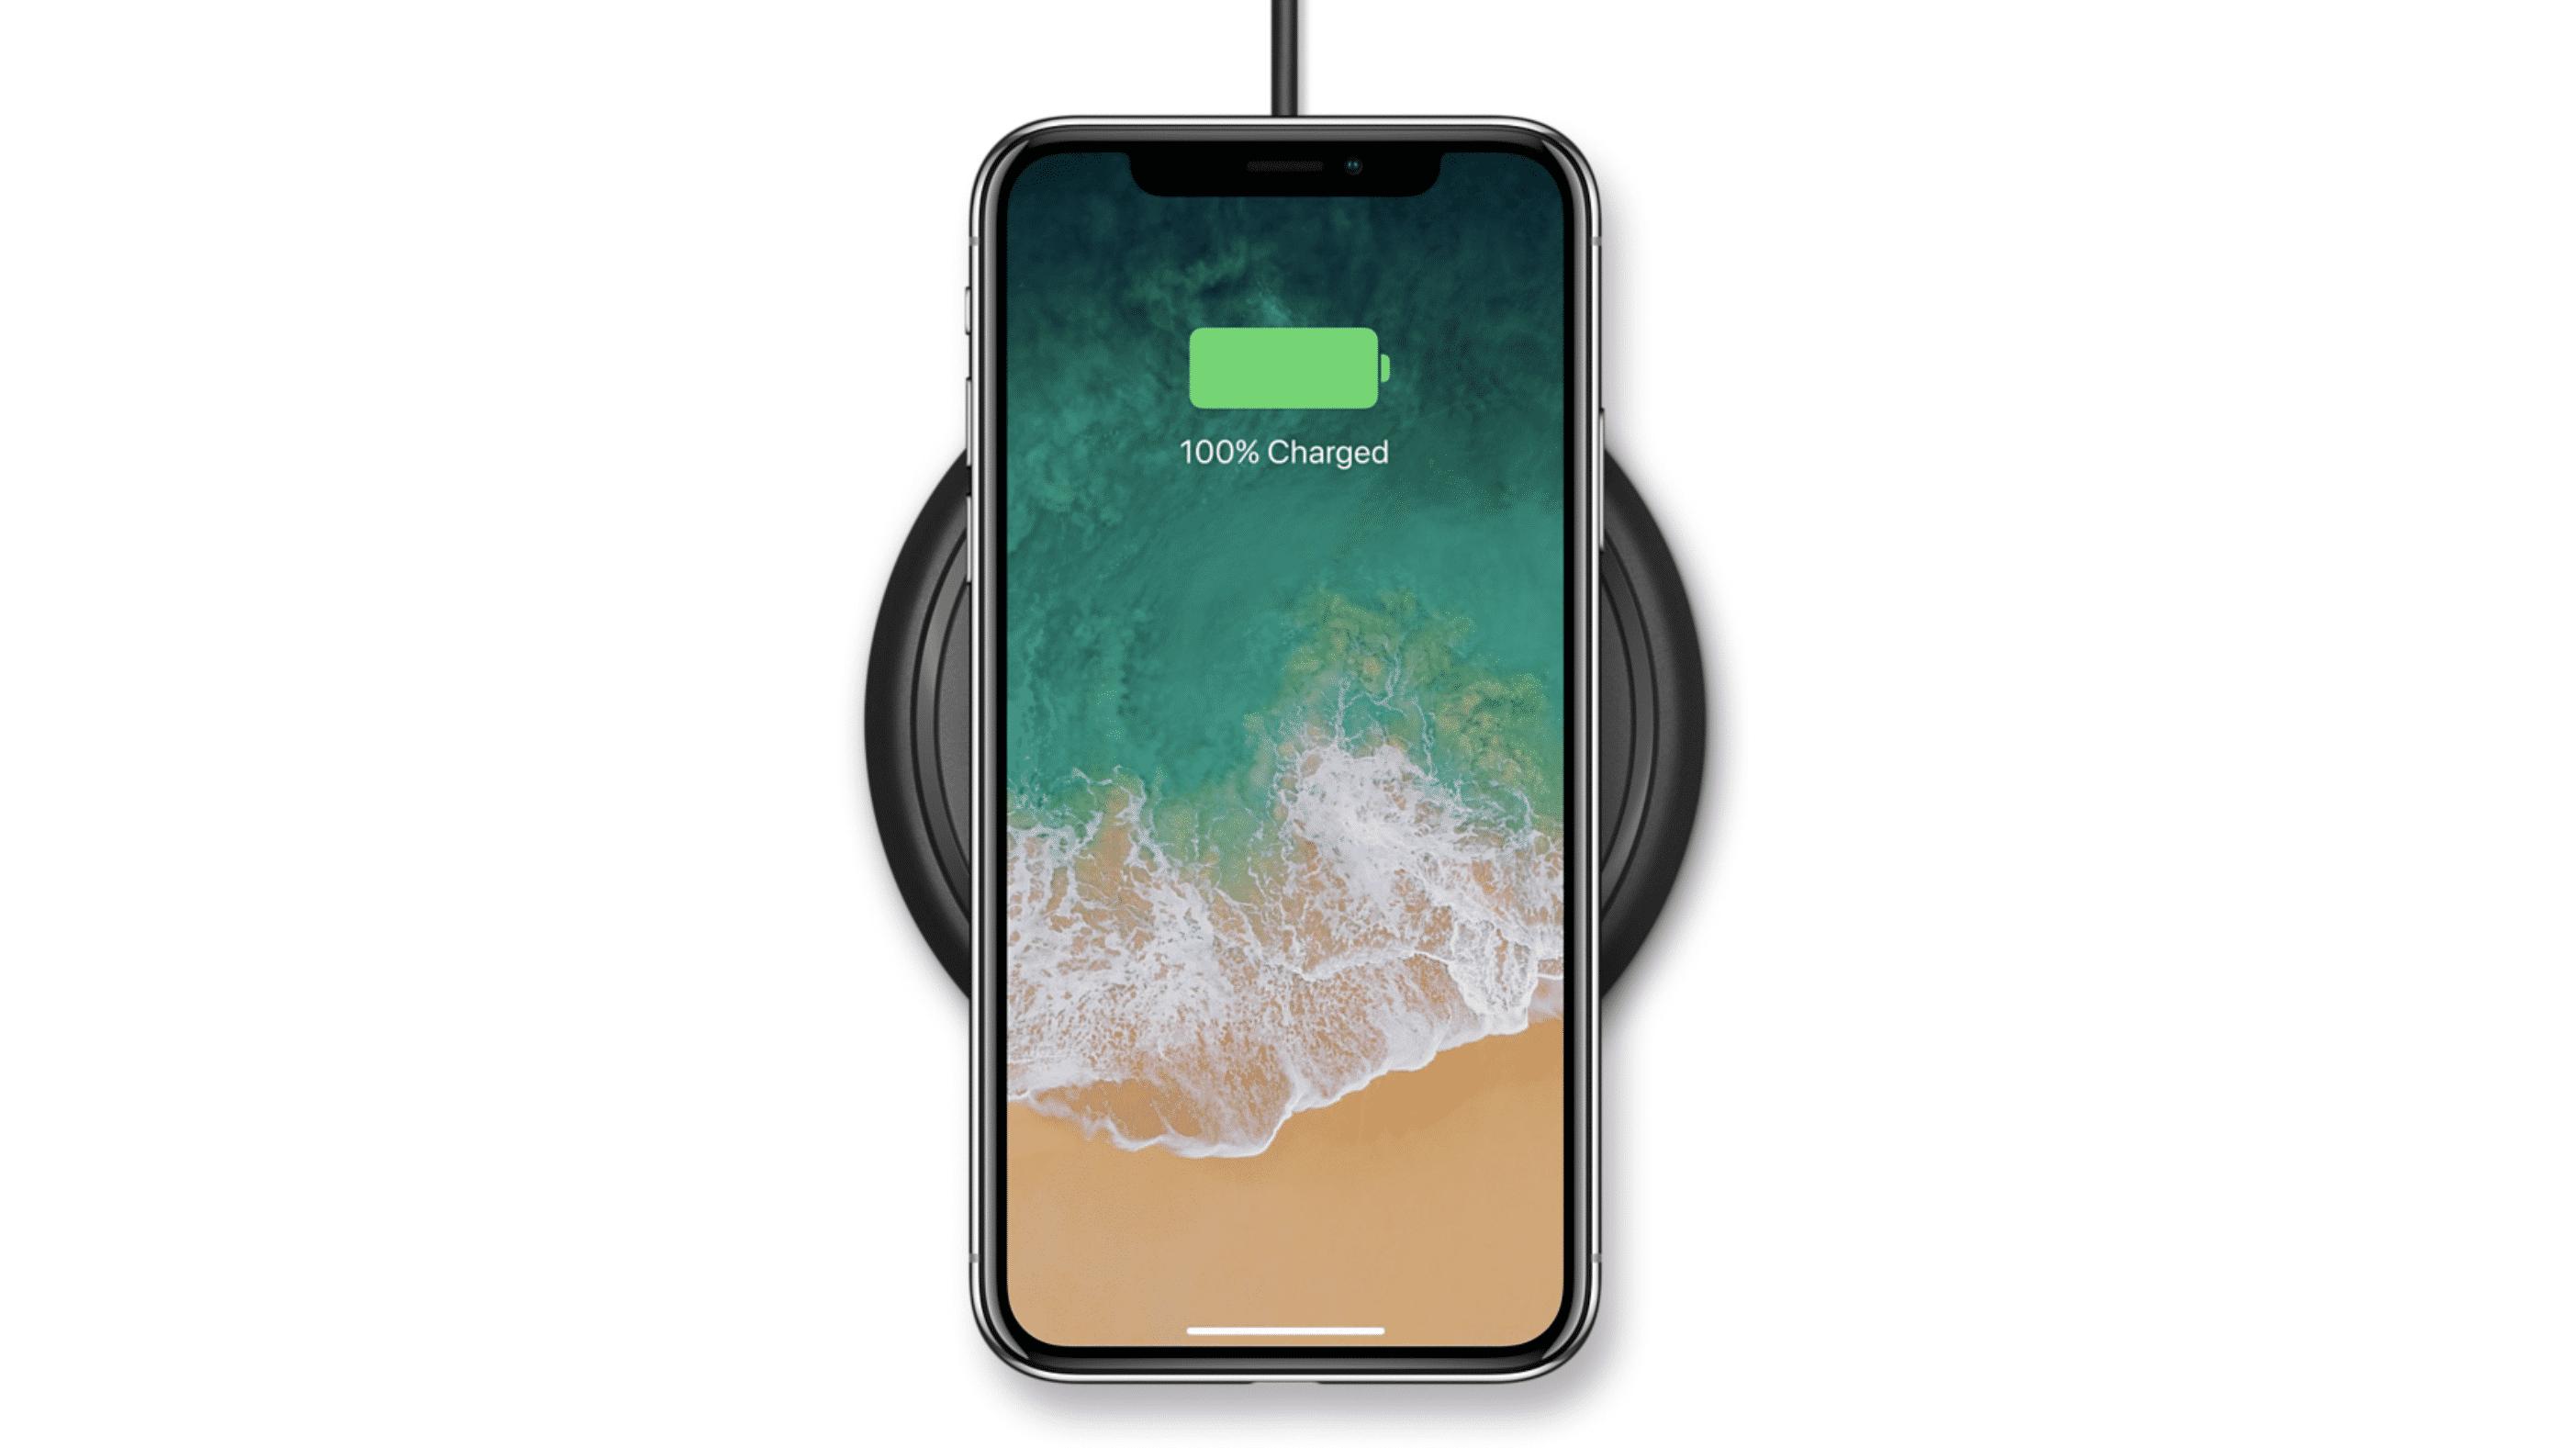 Qi: iOS 11.2 soll schnelleres drahtloses iPhone-Aufladen ermöglichen